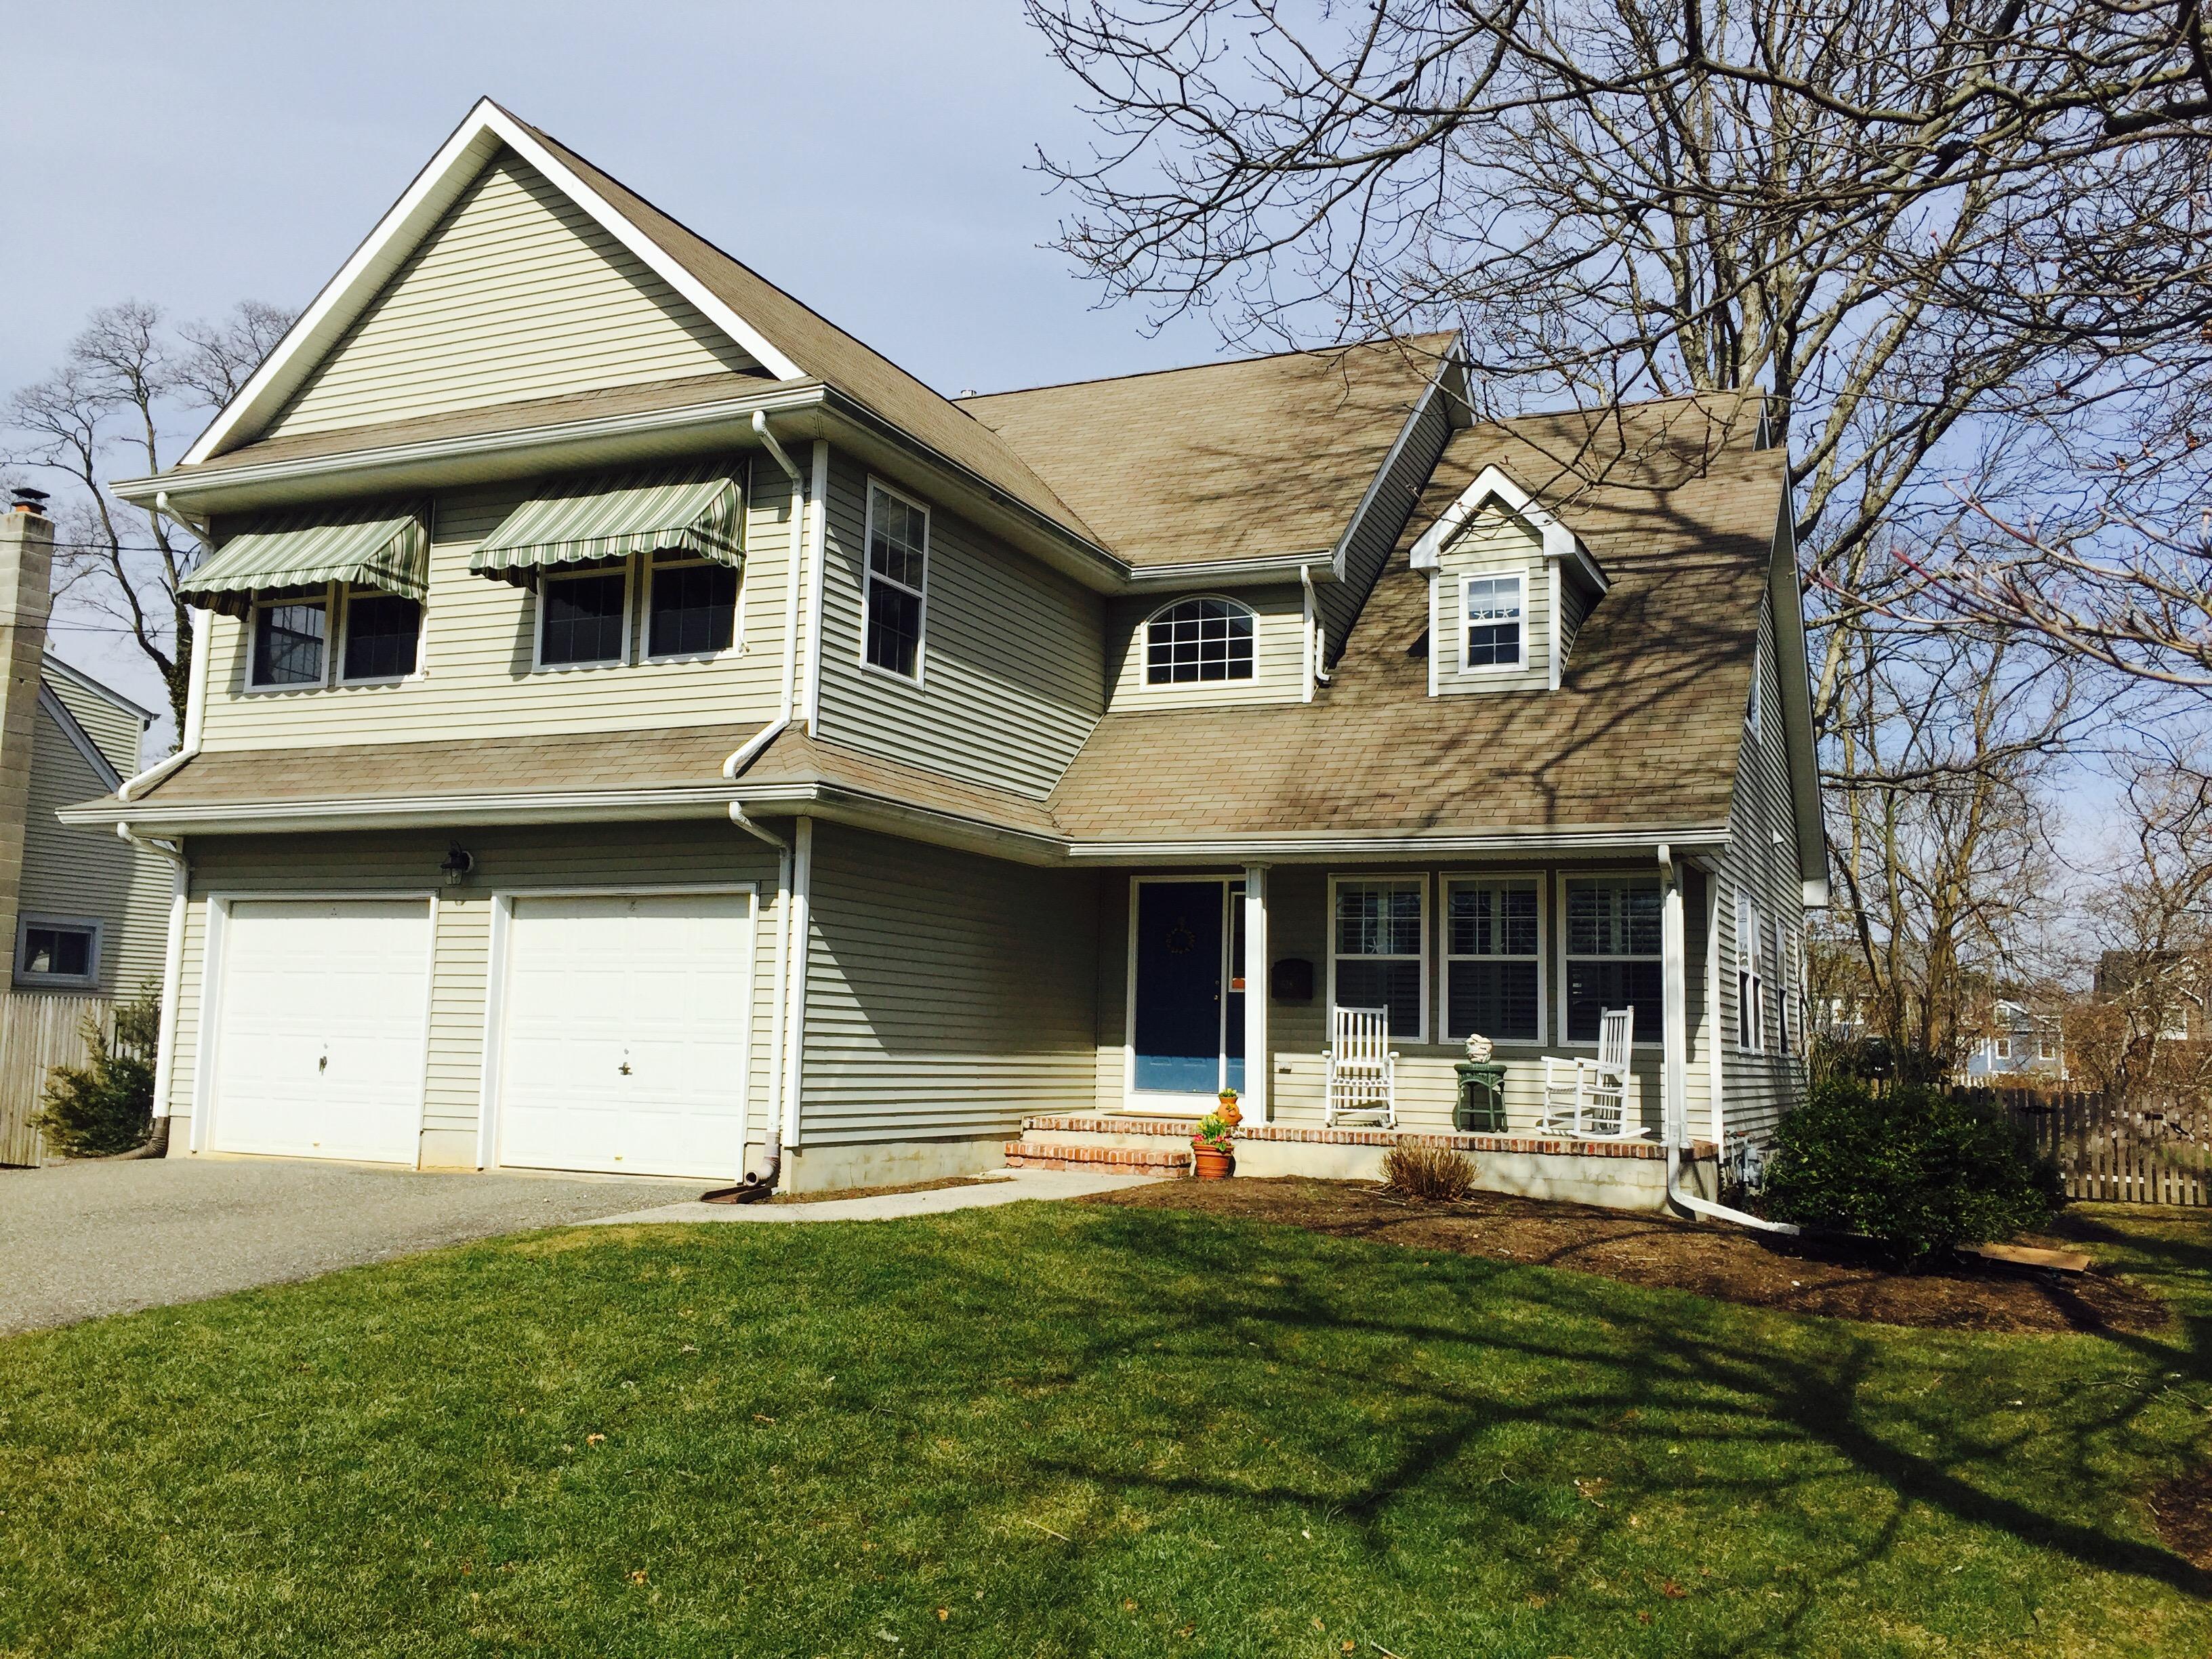 Maison unifamiliale pour l Vente à Wonderful Open Floor Plan! 628 Woodland Avenue Brielle, New Jersey, 08730 États-Unis